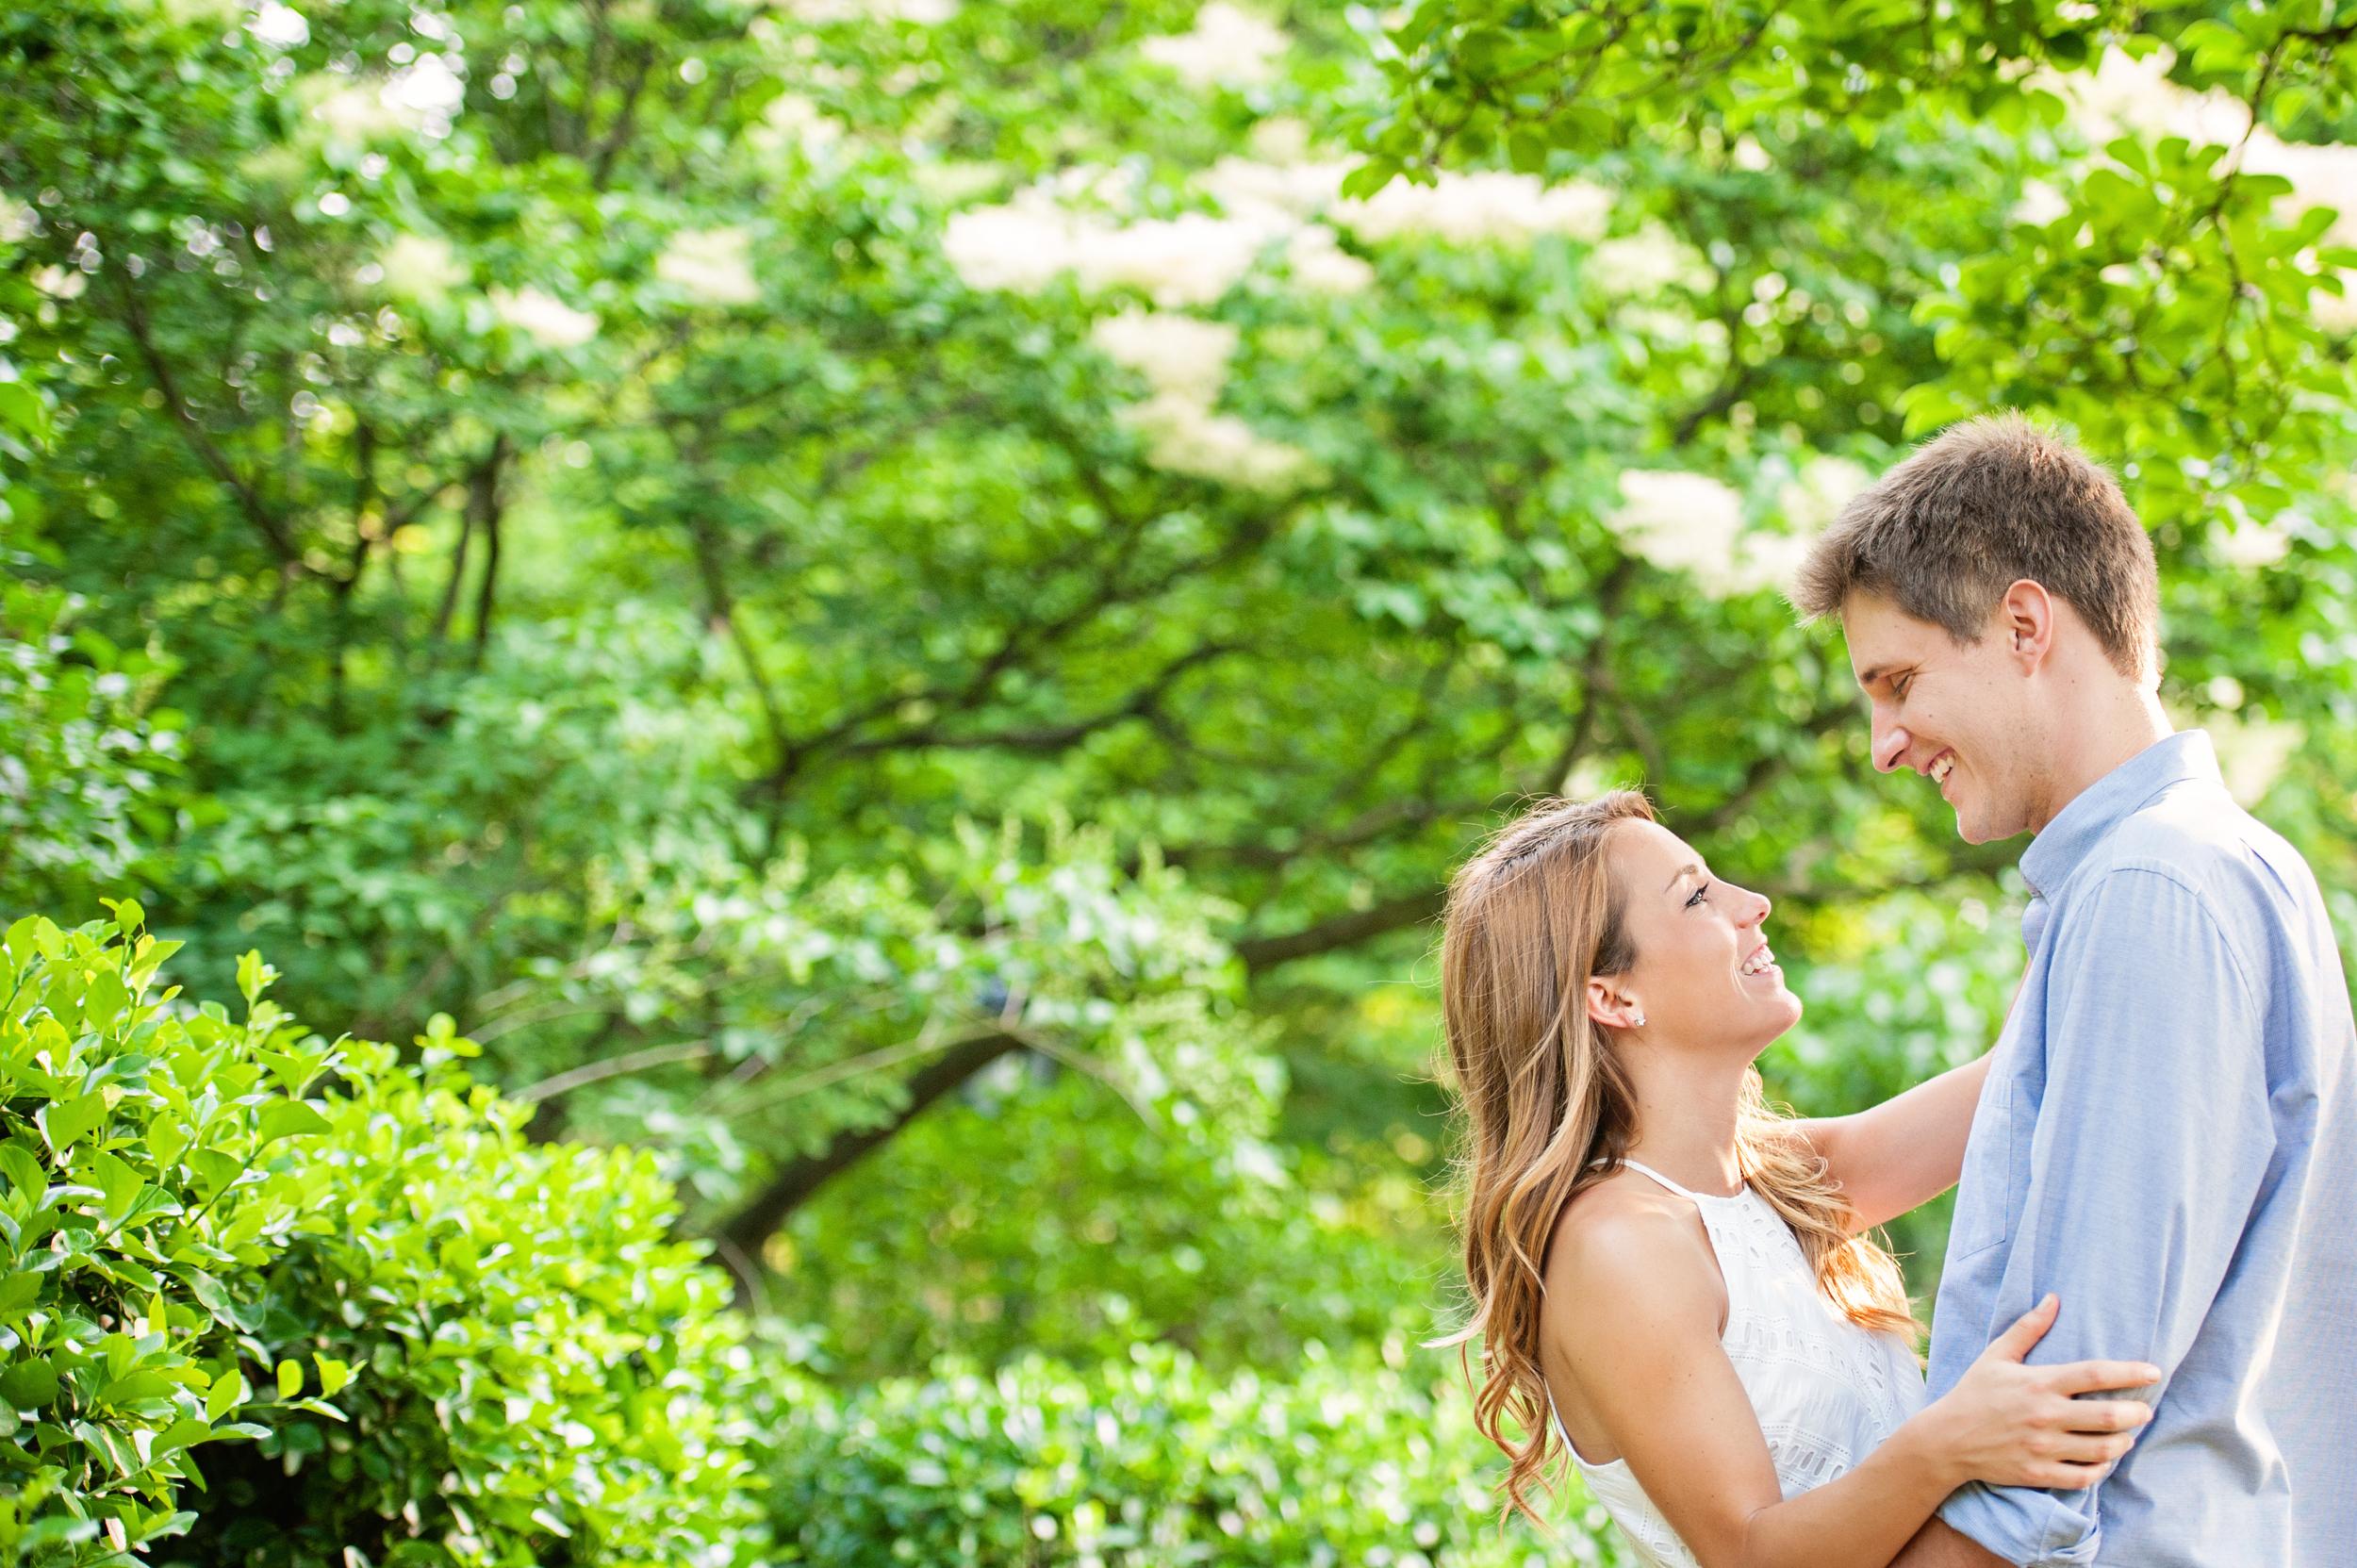 McGlynn_Engagement-2.jpg